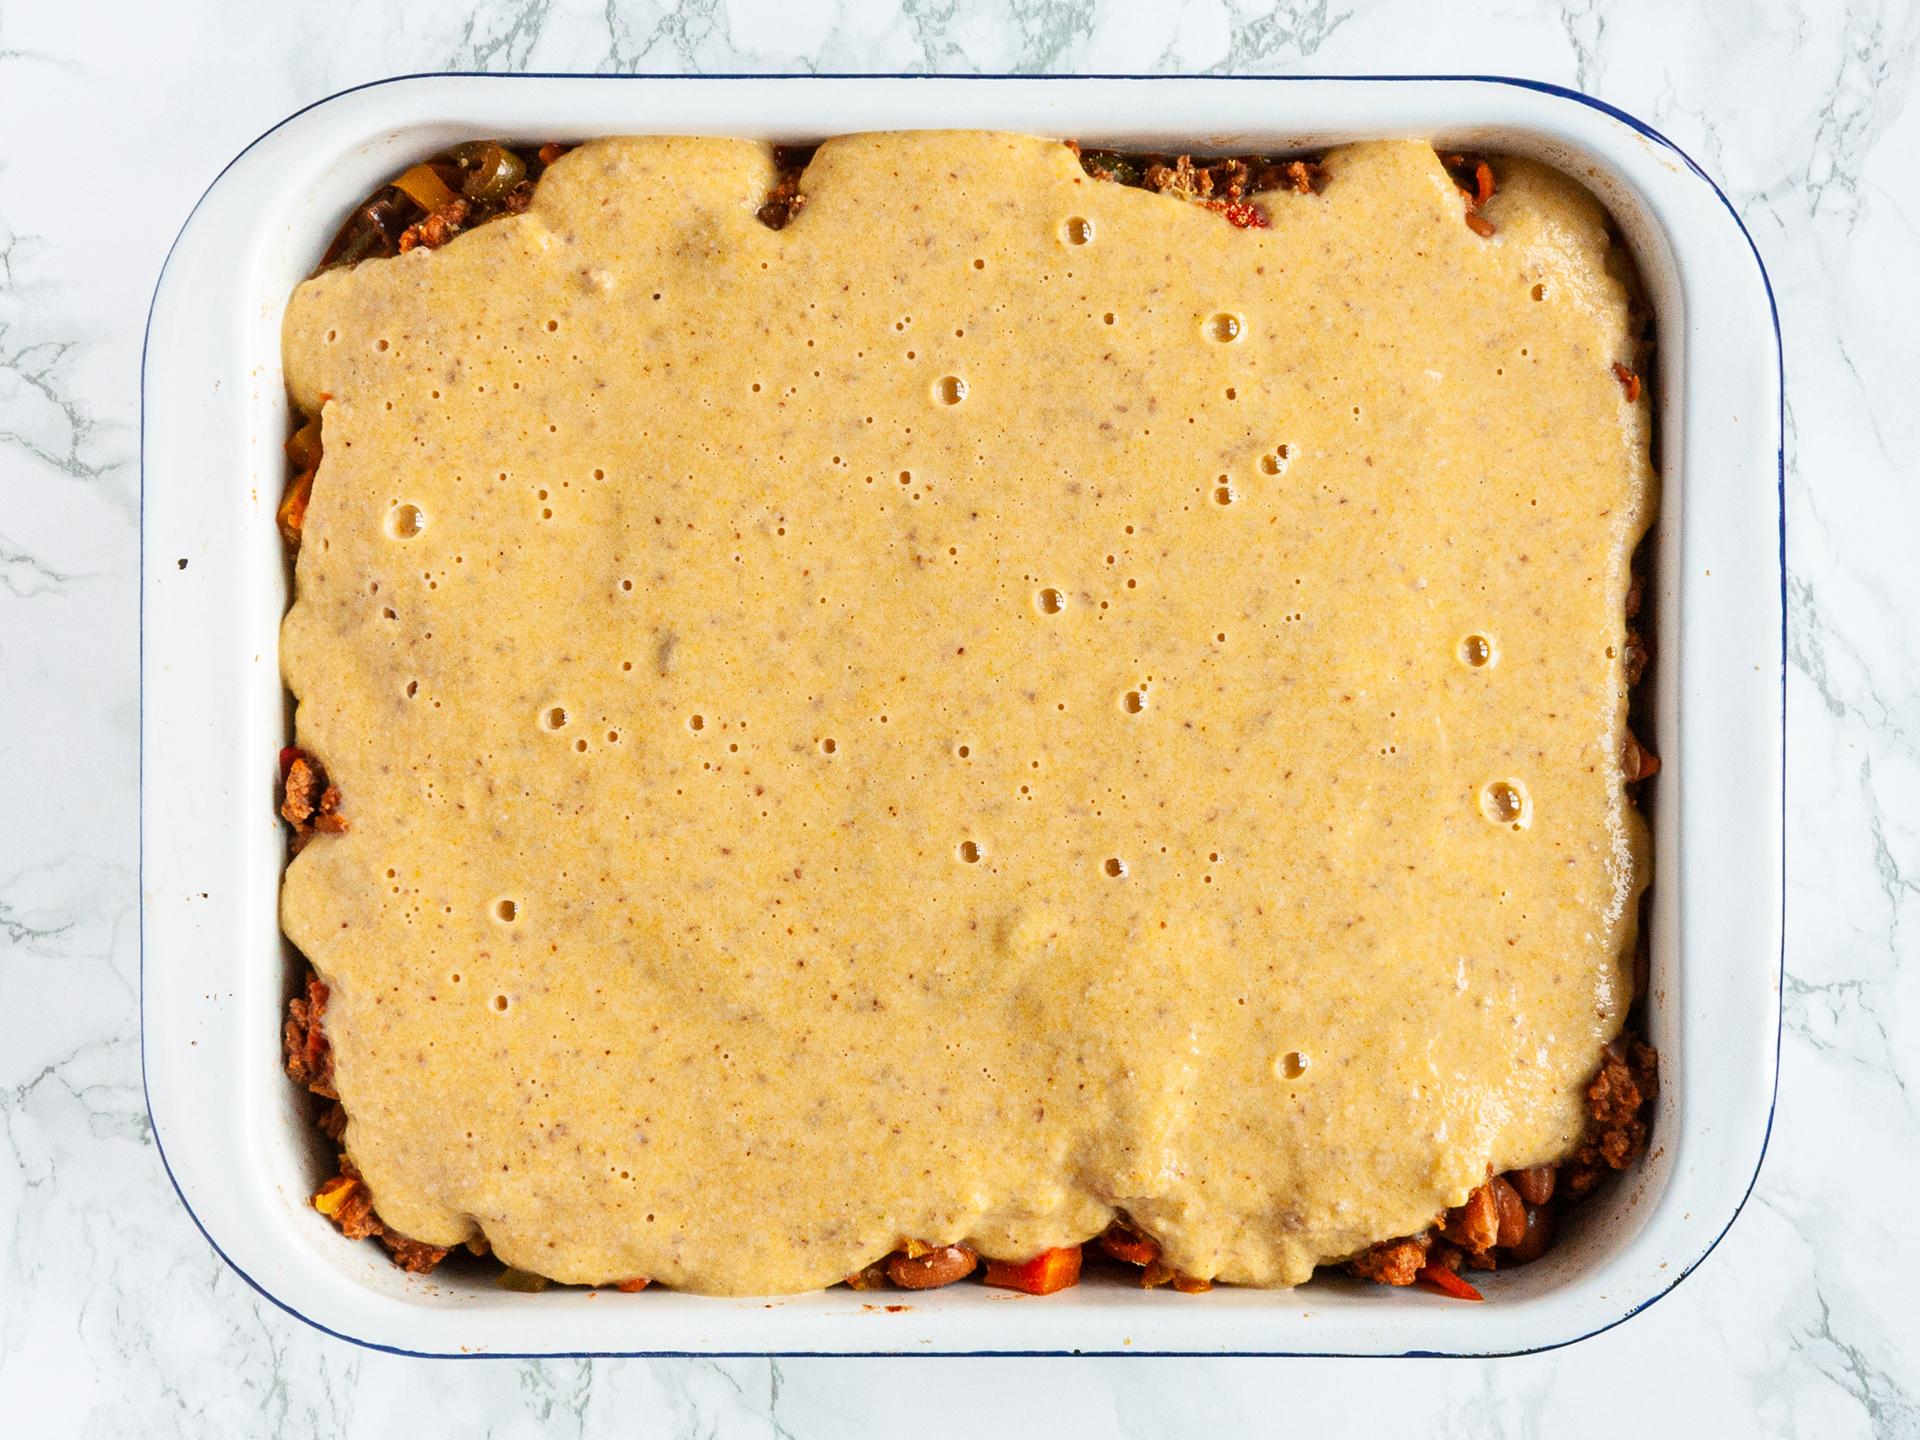 Step 3.2 of Gluten Free Cowboy Pie Recipe